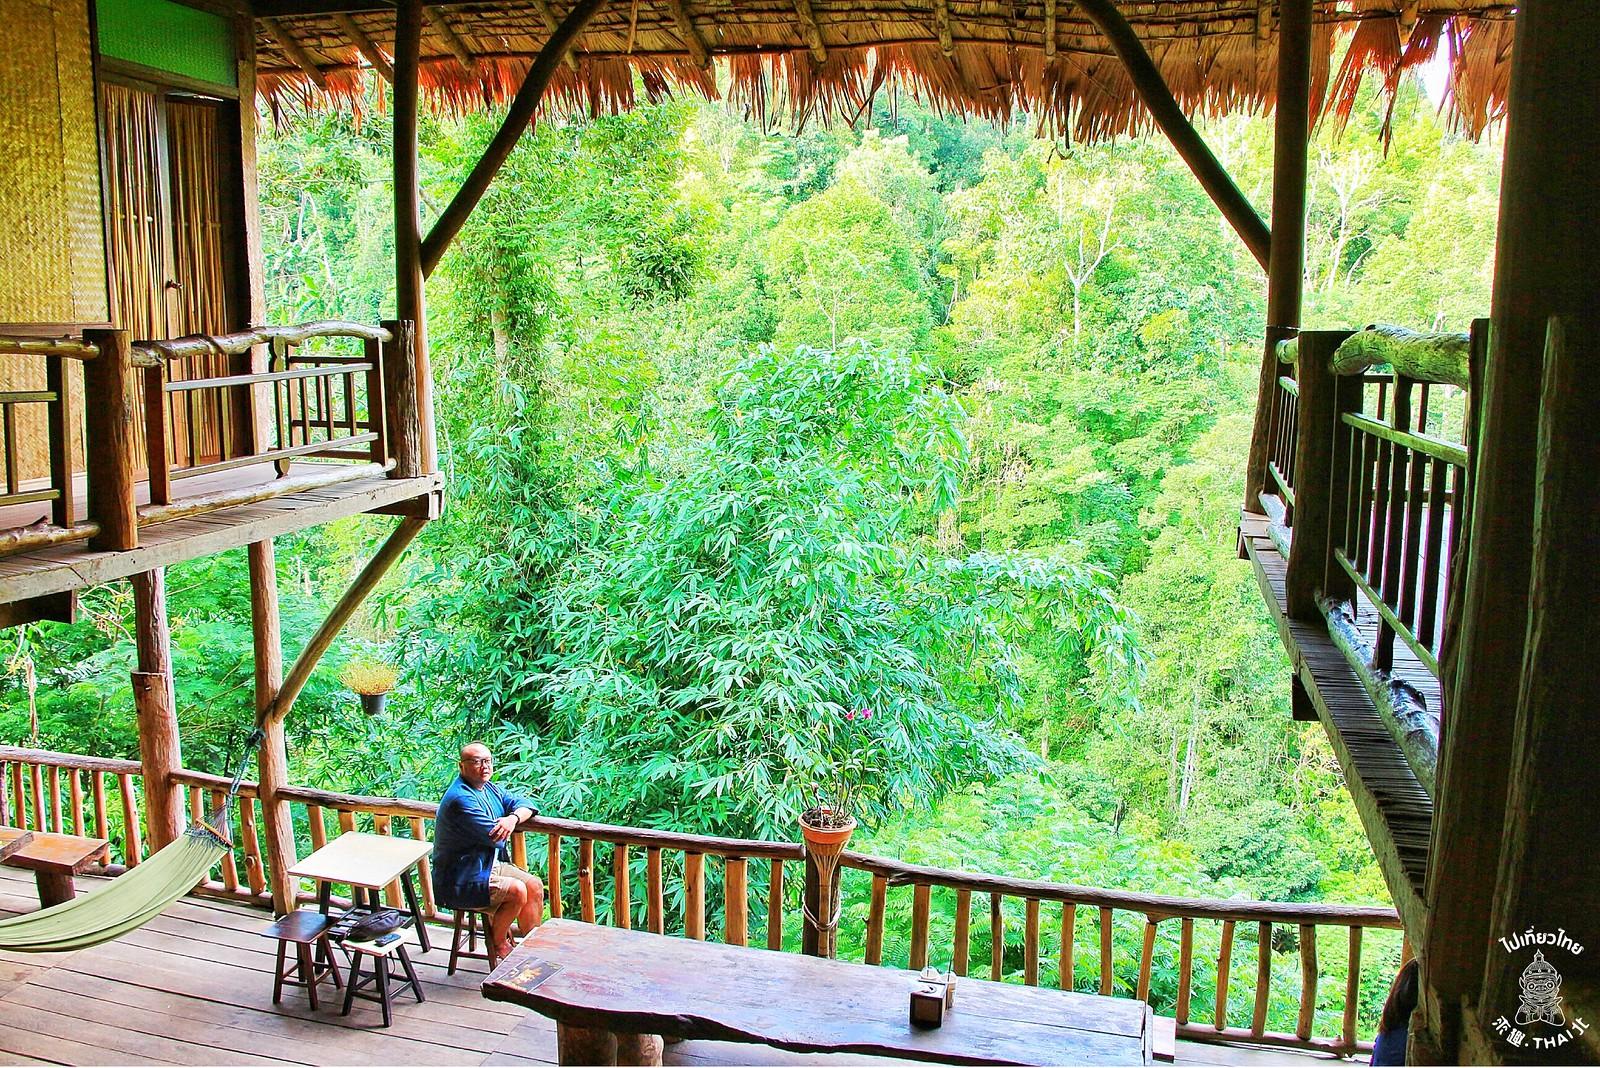 清道深山裡的樹屋民宿咖啡廳『Tree House Hideaway』